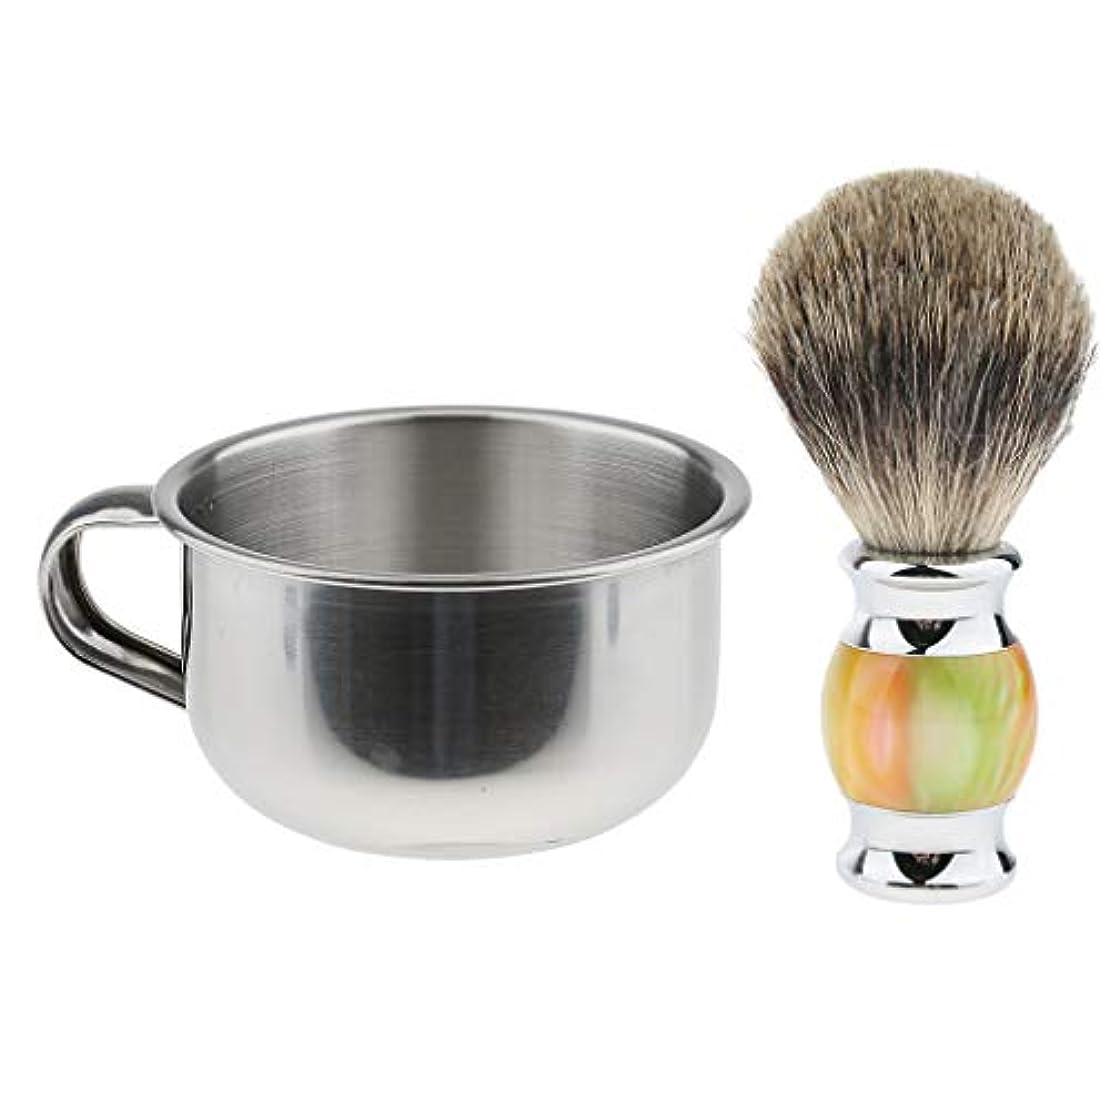 クレジット請求書想像するdailymall ハンドルが付いている8cmのステンレス鋼の人の剃るボールのコップのマグ+剃るブラシセット